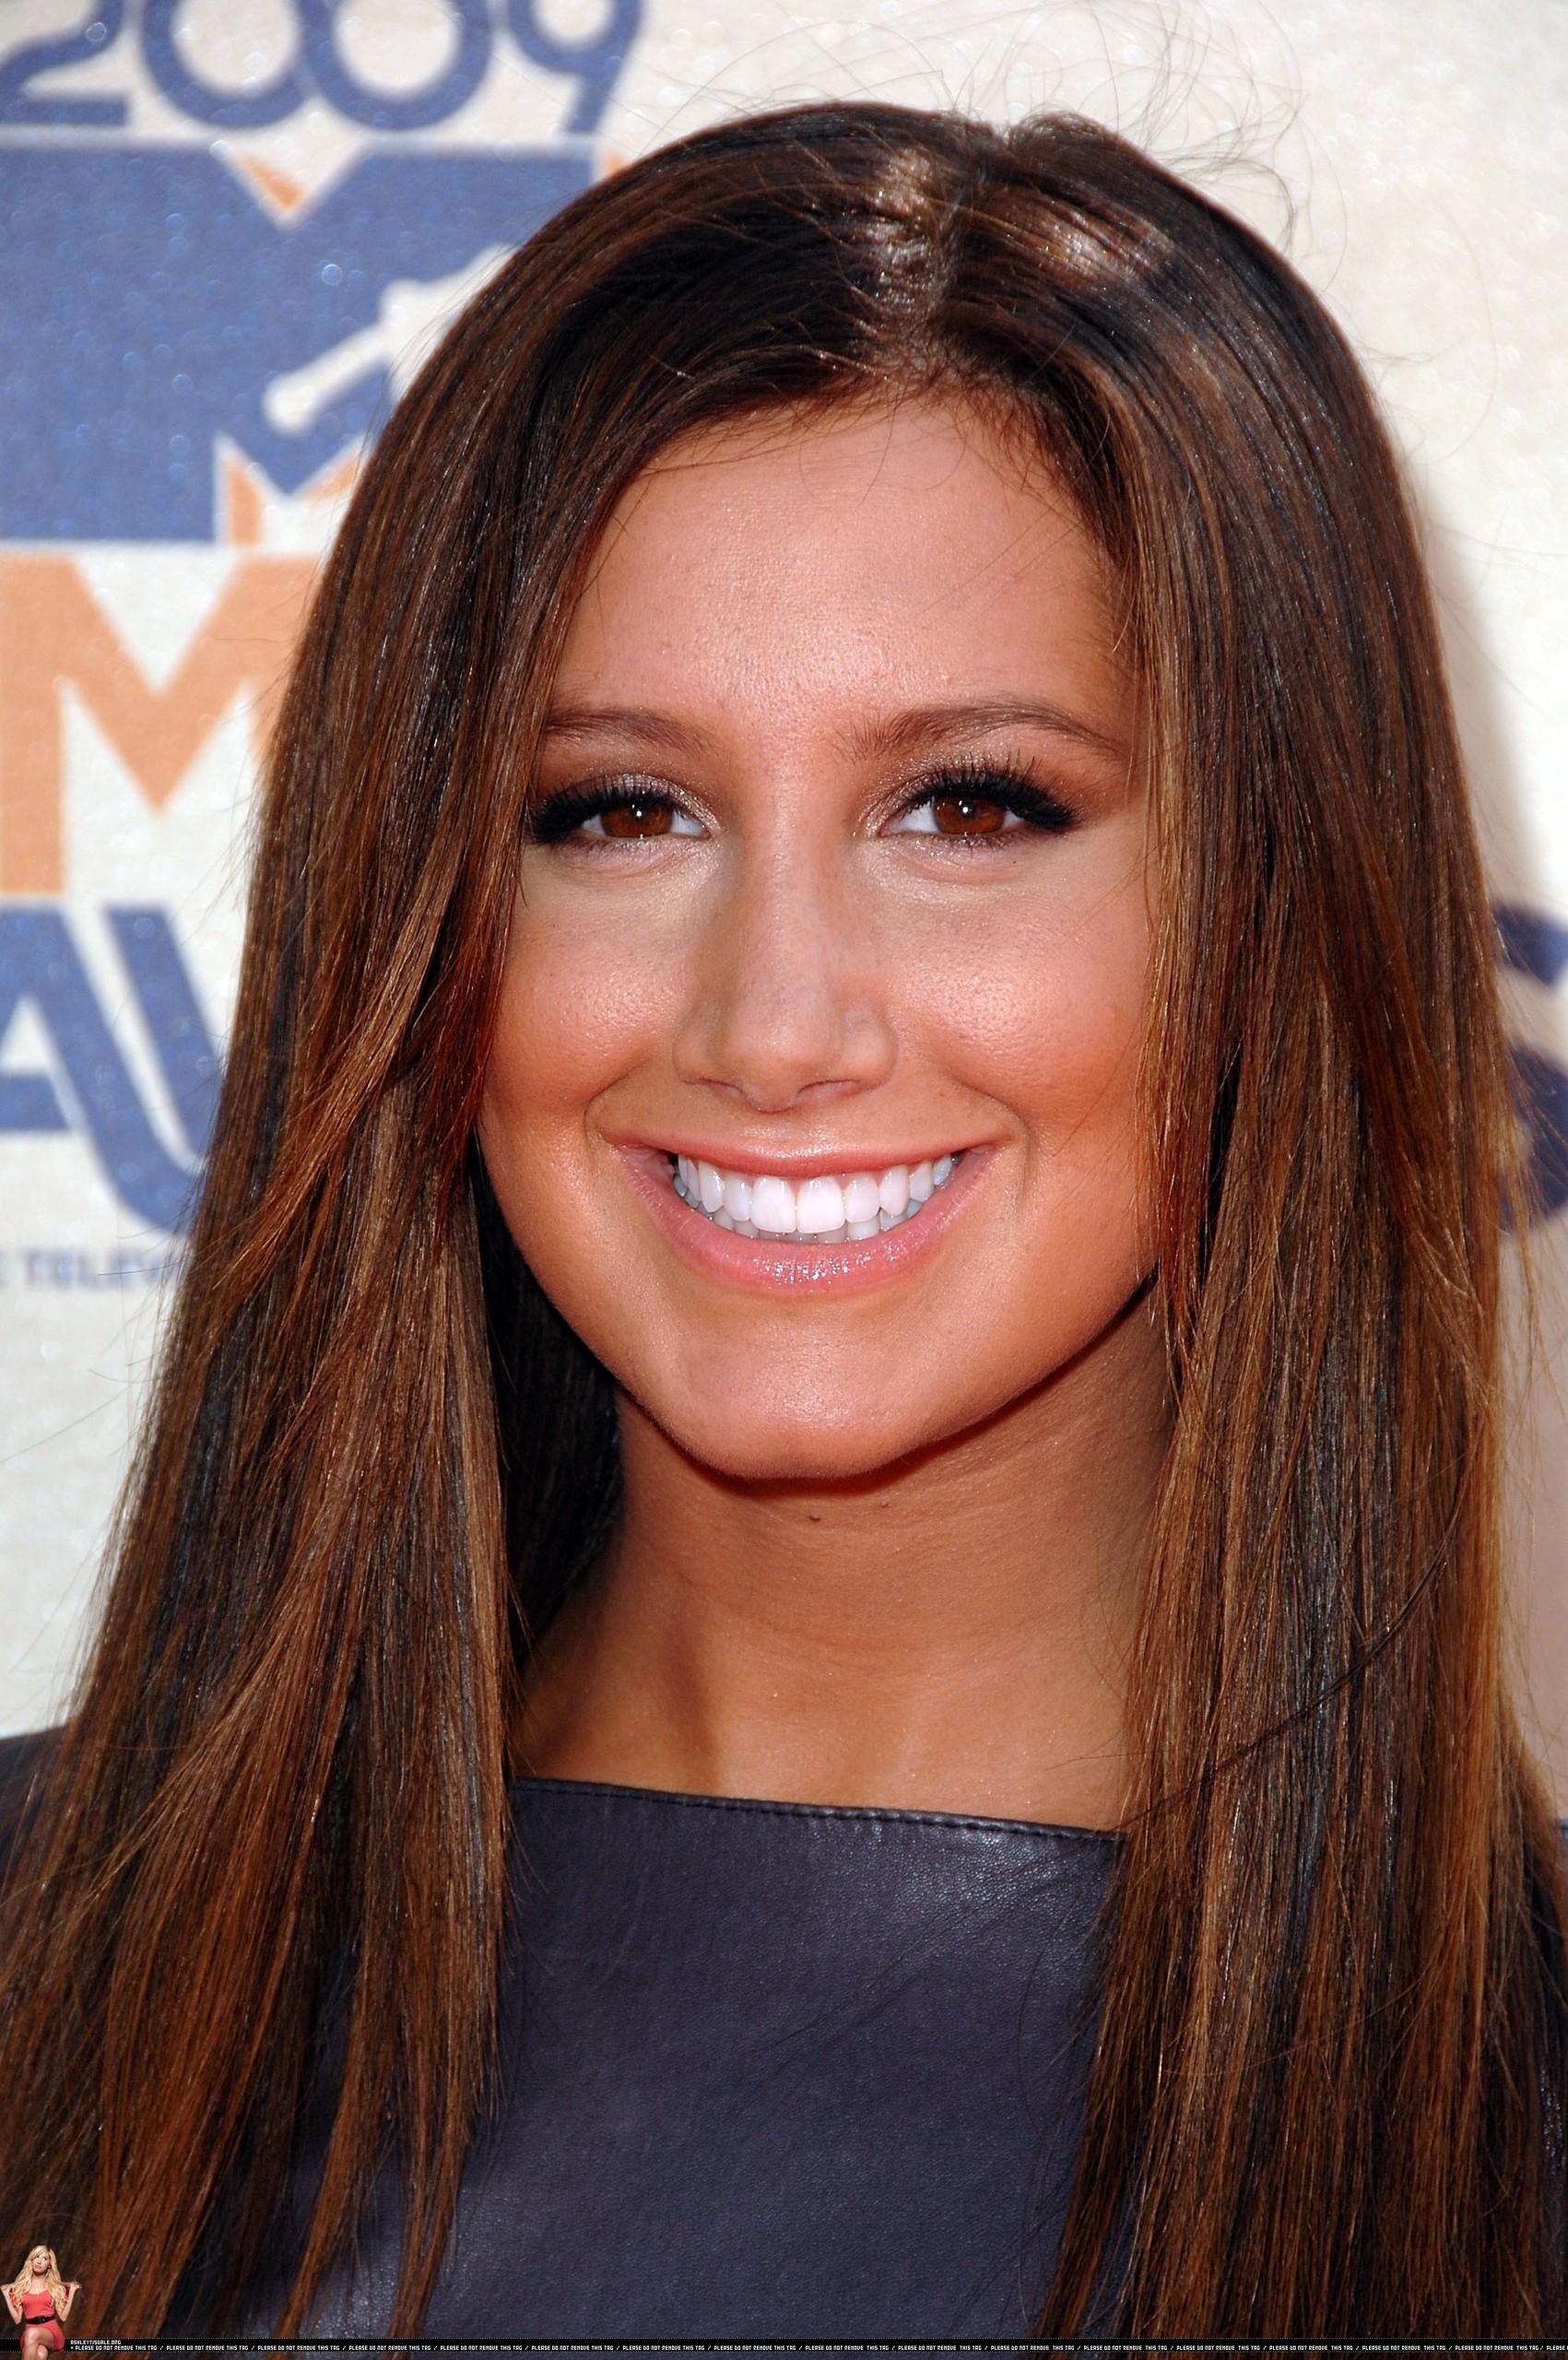 Ashley heading to the 2009 MTV Movie Award - May 31 - ashley-tisdale photo